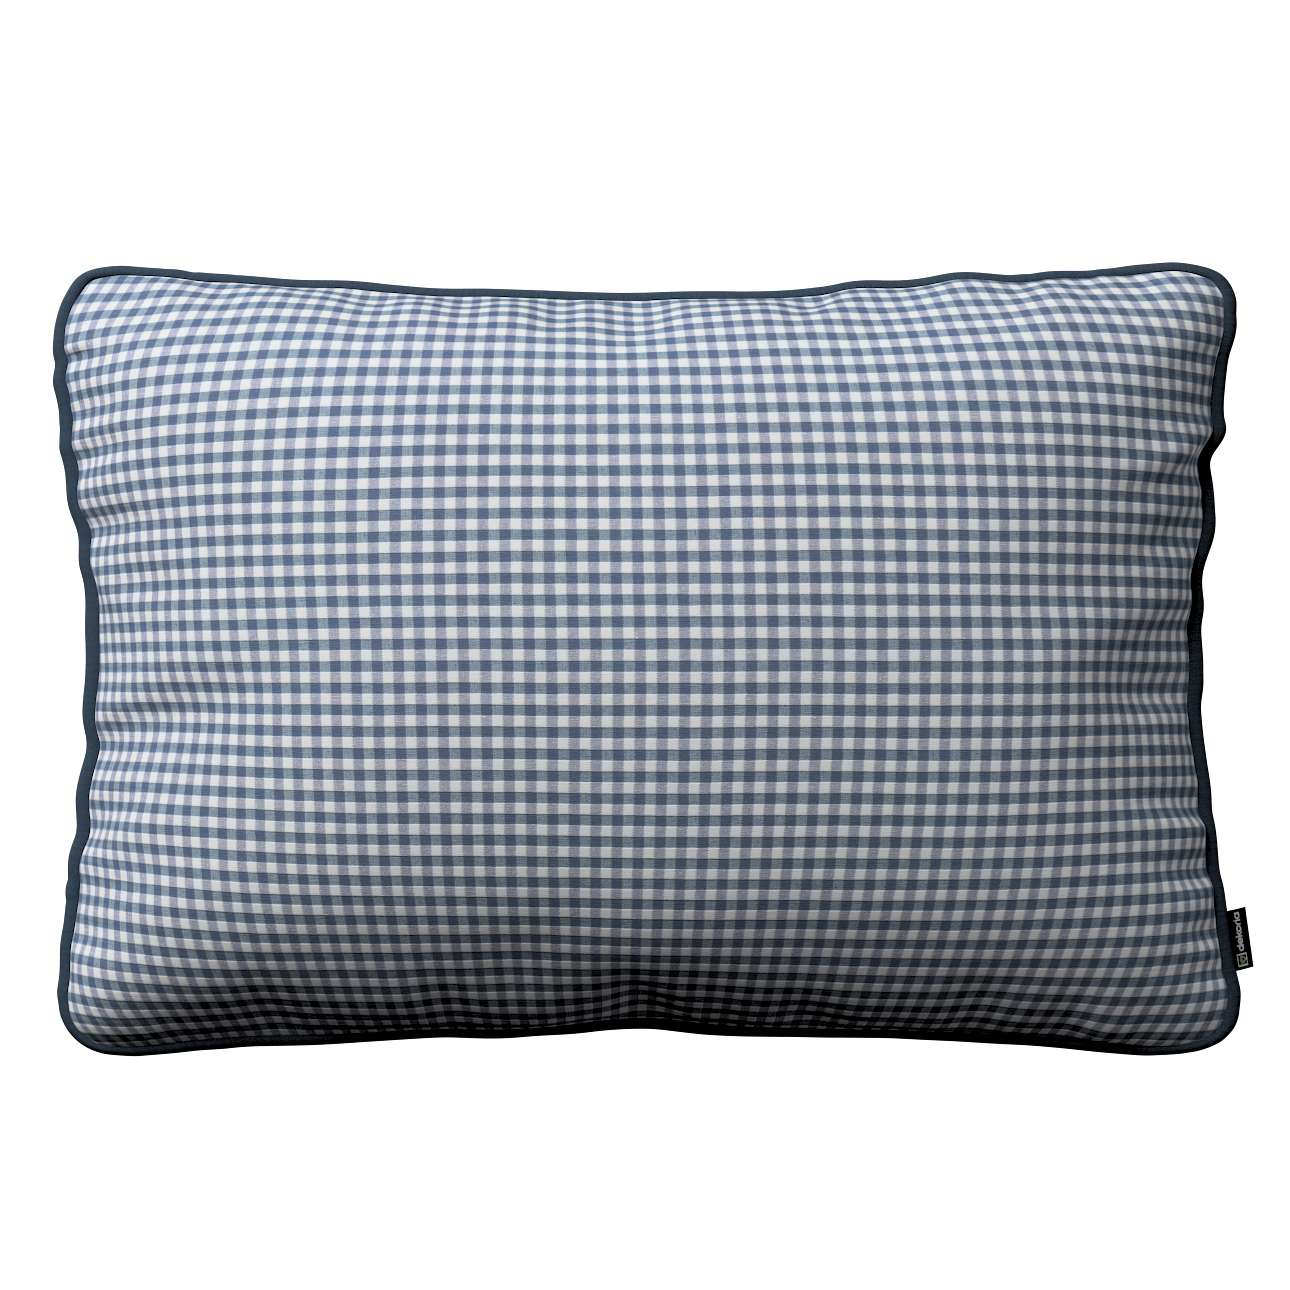 Poszewka Gabi na poduszkę prostokątna w kolekcji Quadro, tkanina: 136-00